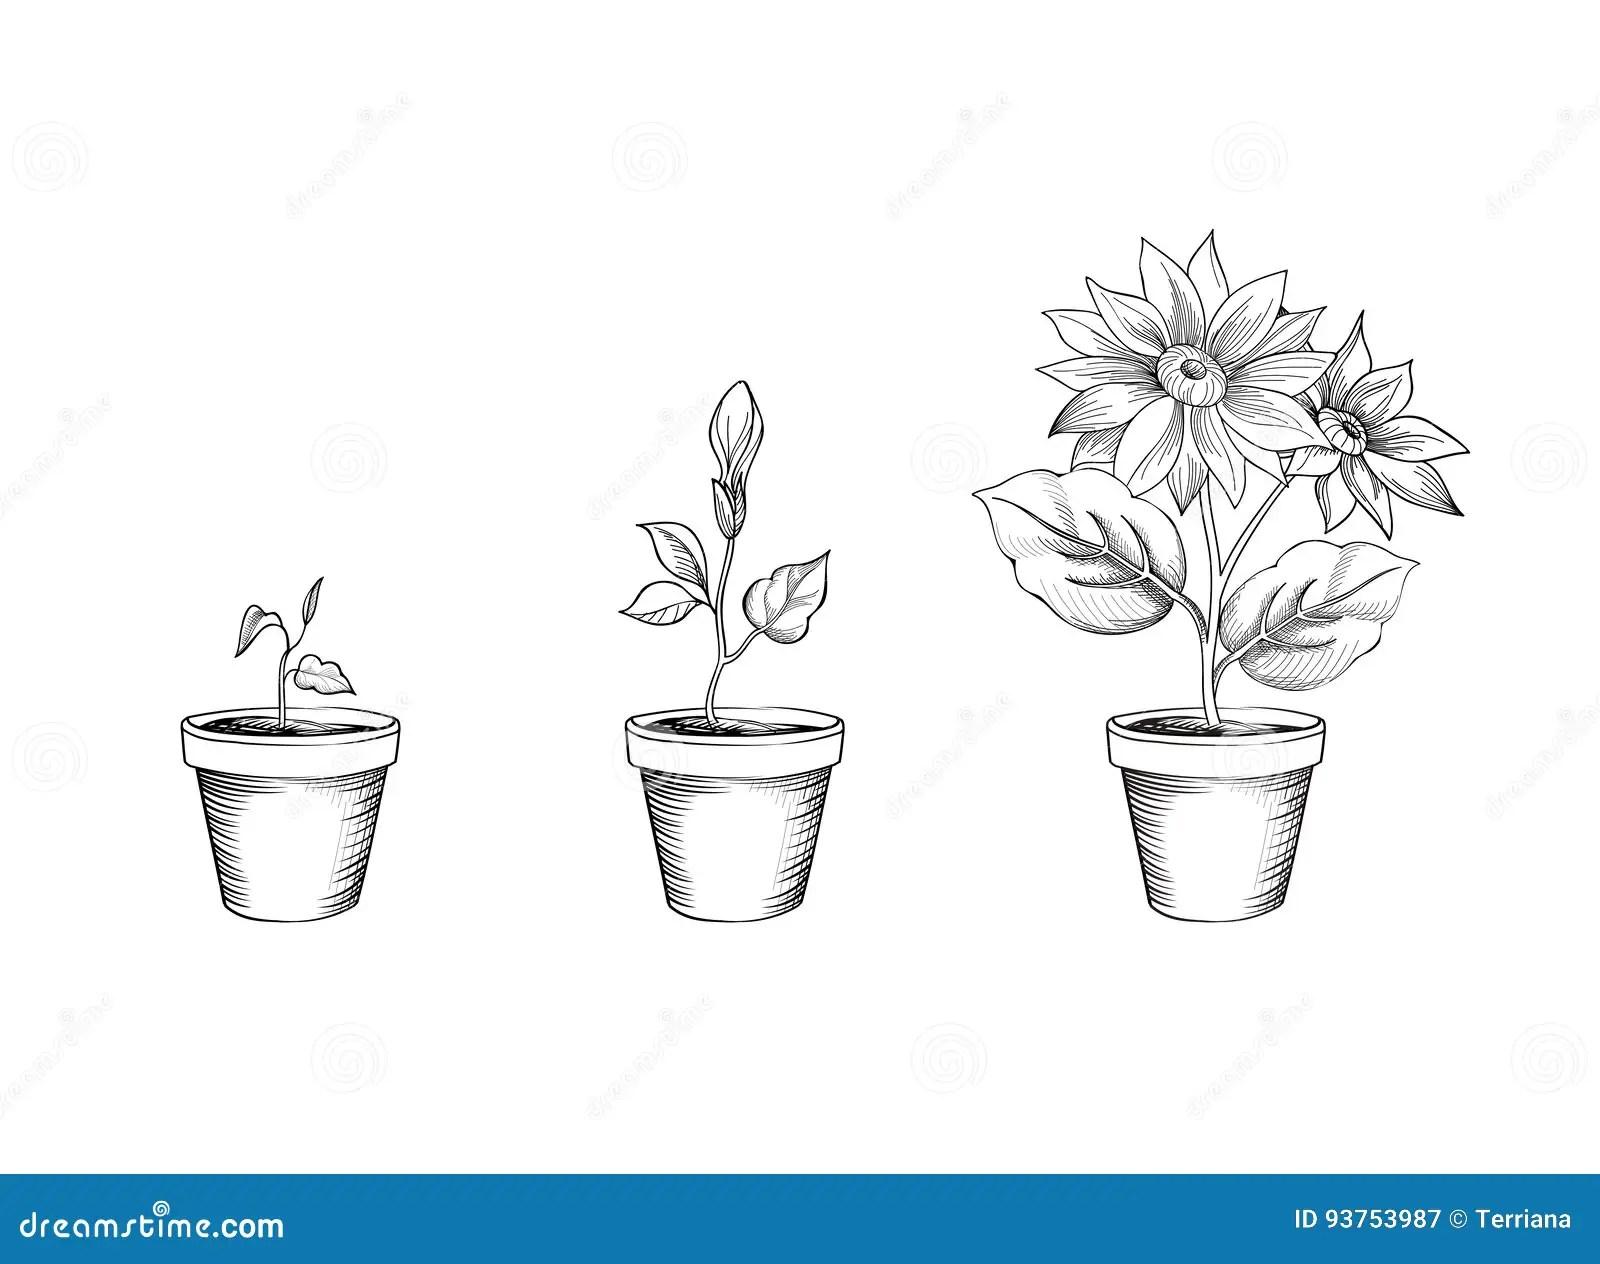 Garden Flower Growth Stages